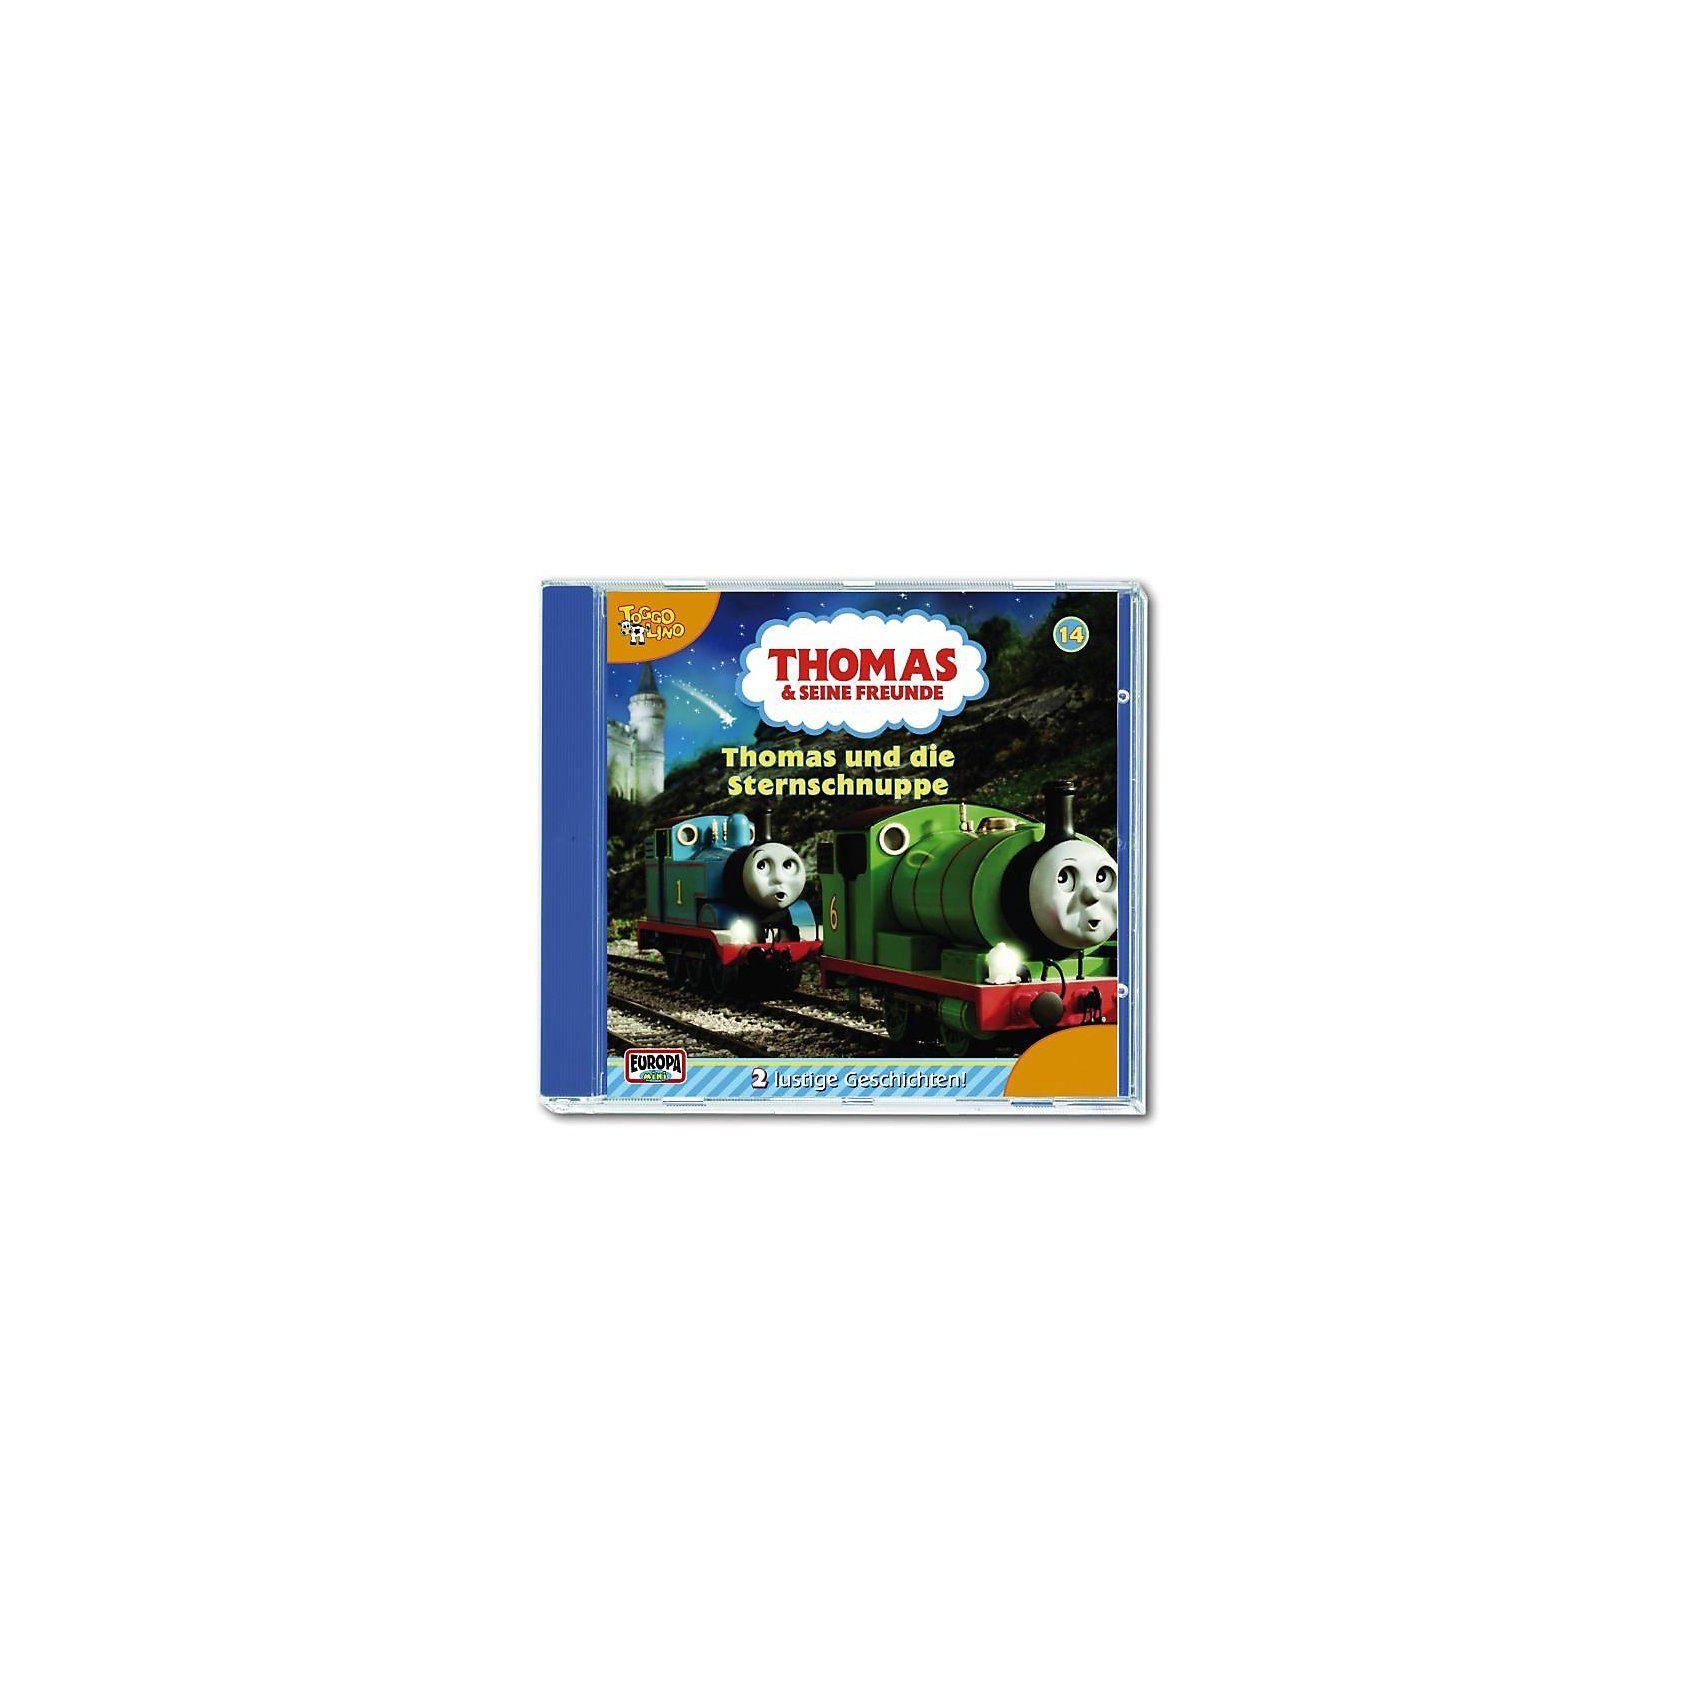 SONY BMG MUSIC CD Thomas und seine Freunde 14 - Thomas und die Sternschnupp